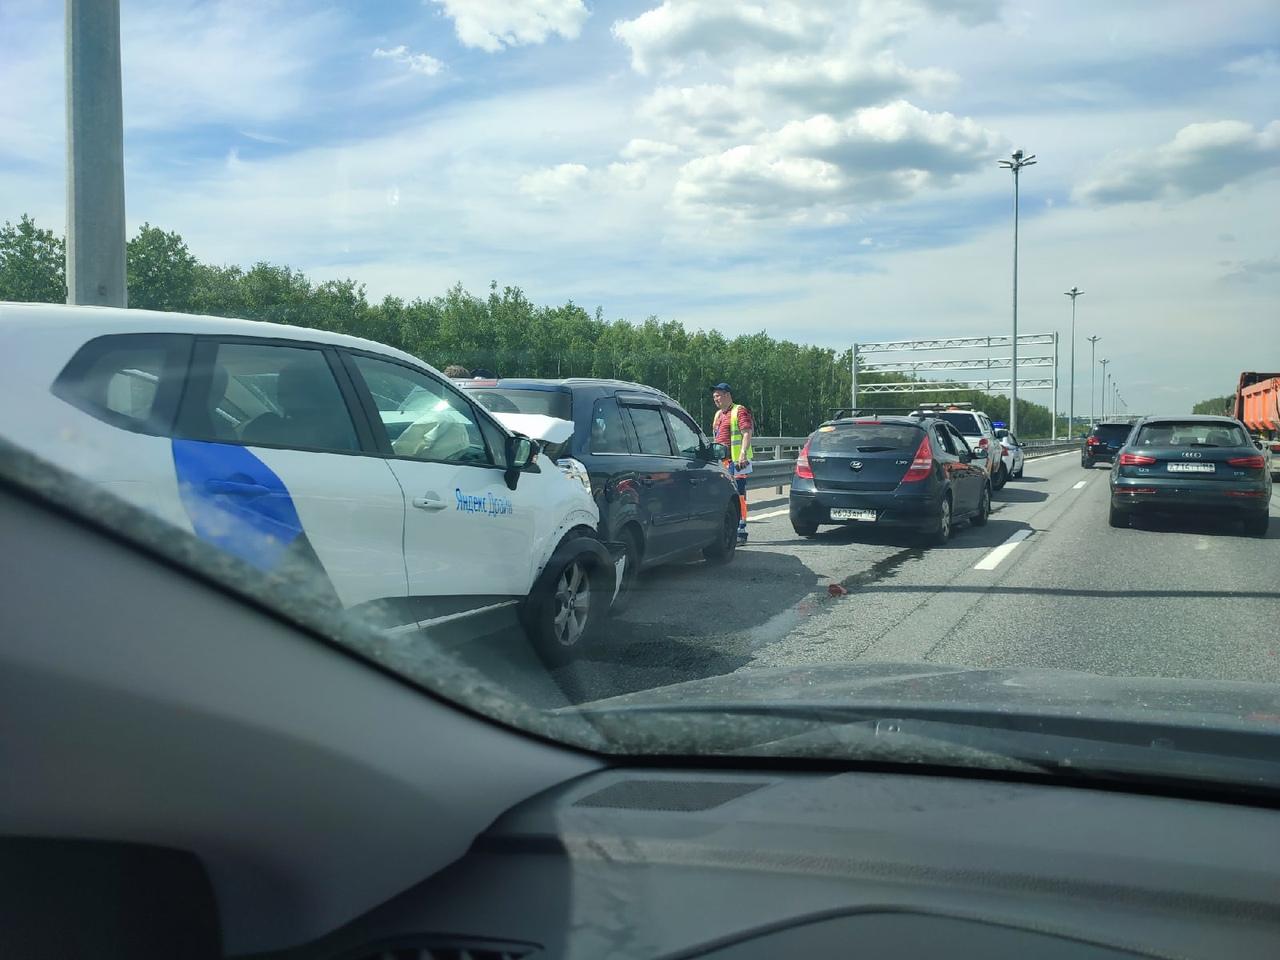 Машина с синей полоской устроила километровую пробку на ЗСД , между Богатырским и КАДом, в сторону Б...